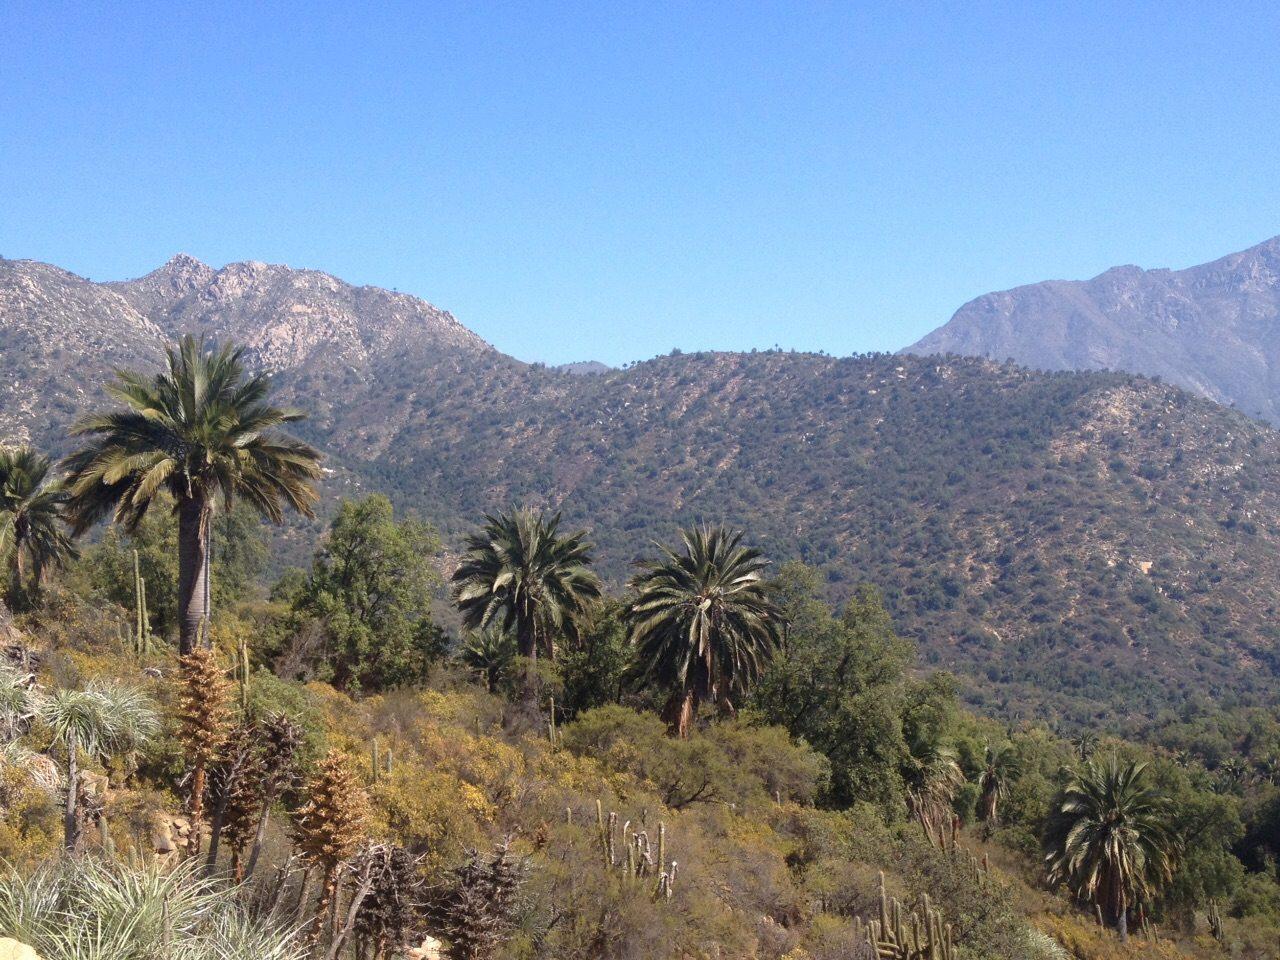 Un bosque de palmas en la cordillera de la costa